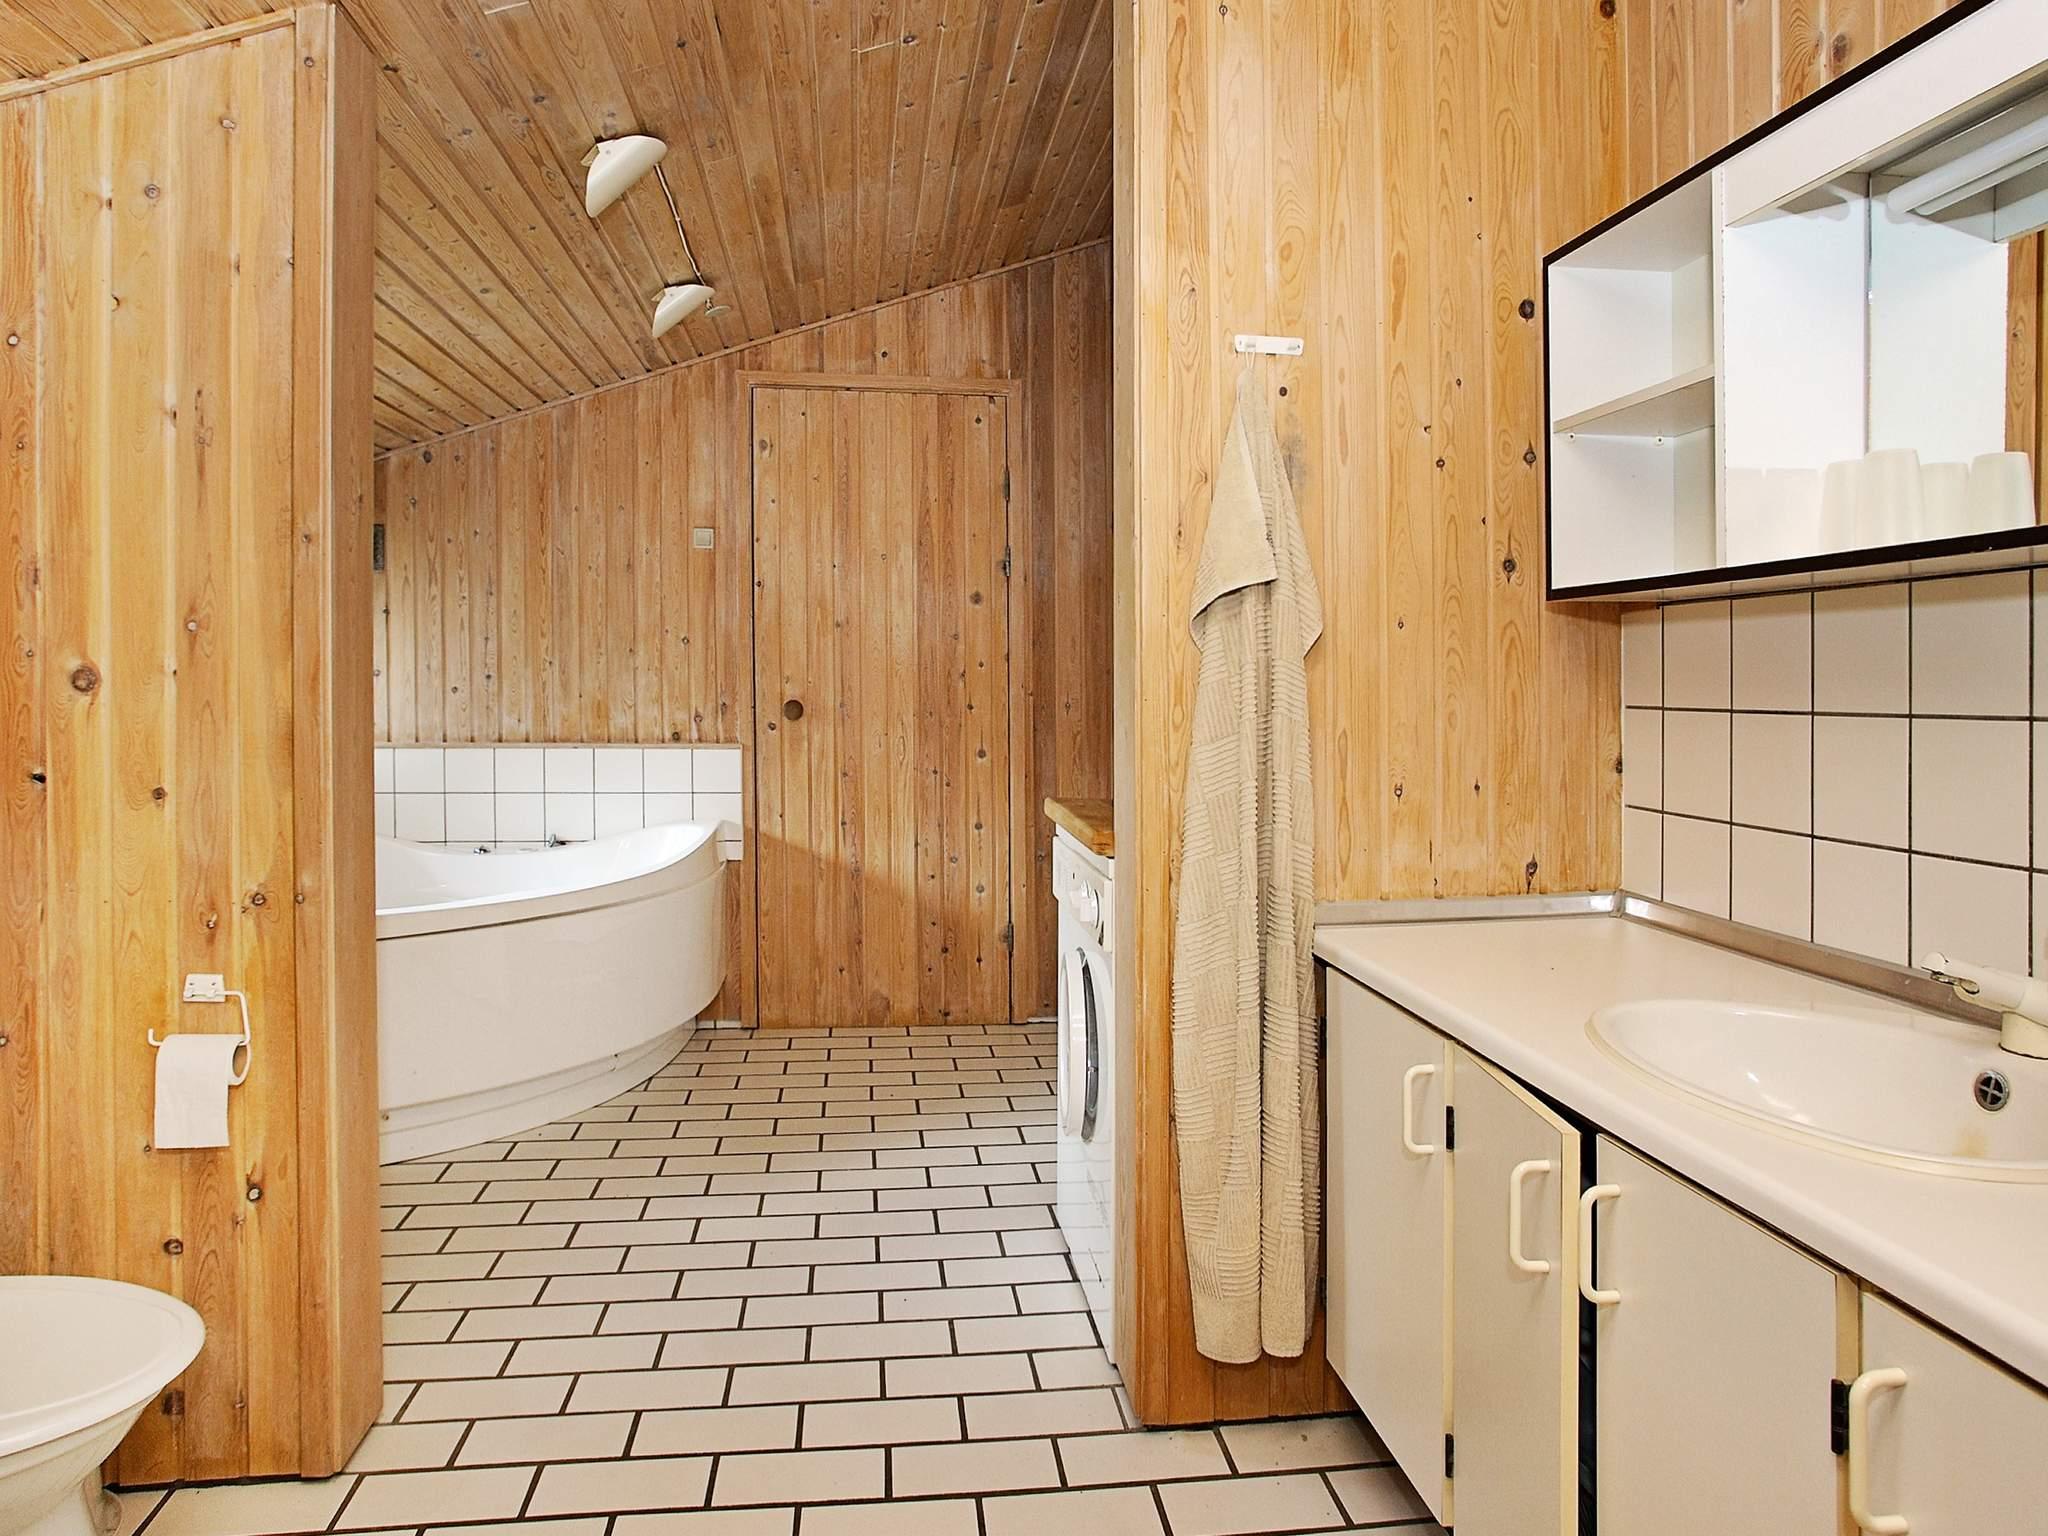 Ferienhaus Kjul Strand (319409), Hirtshals, , Nordwestjütland, Dänemark, Bild 7